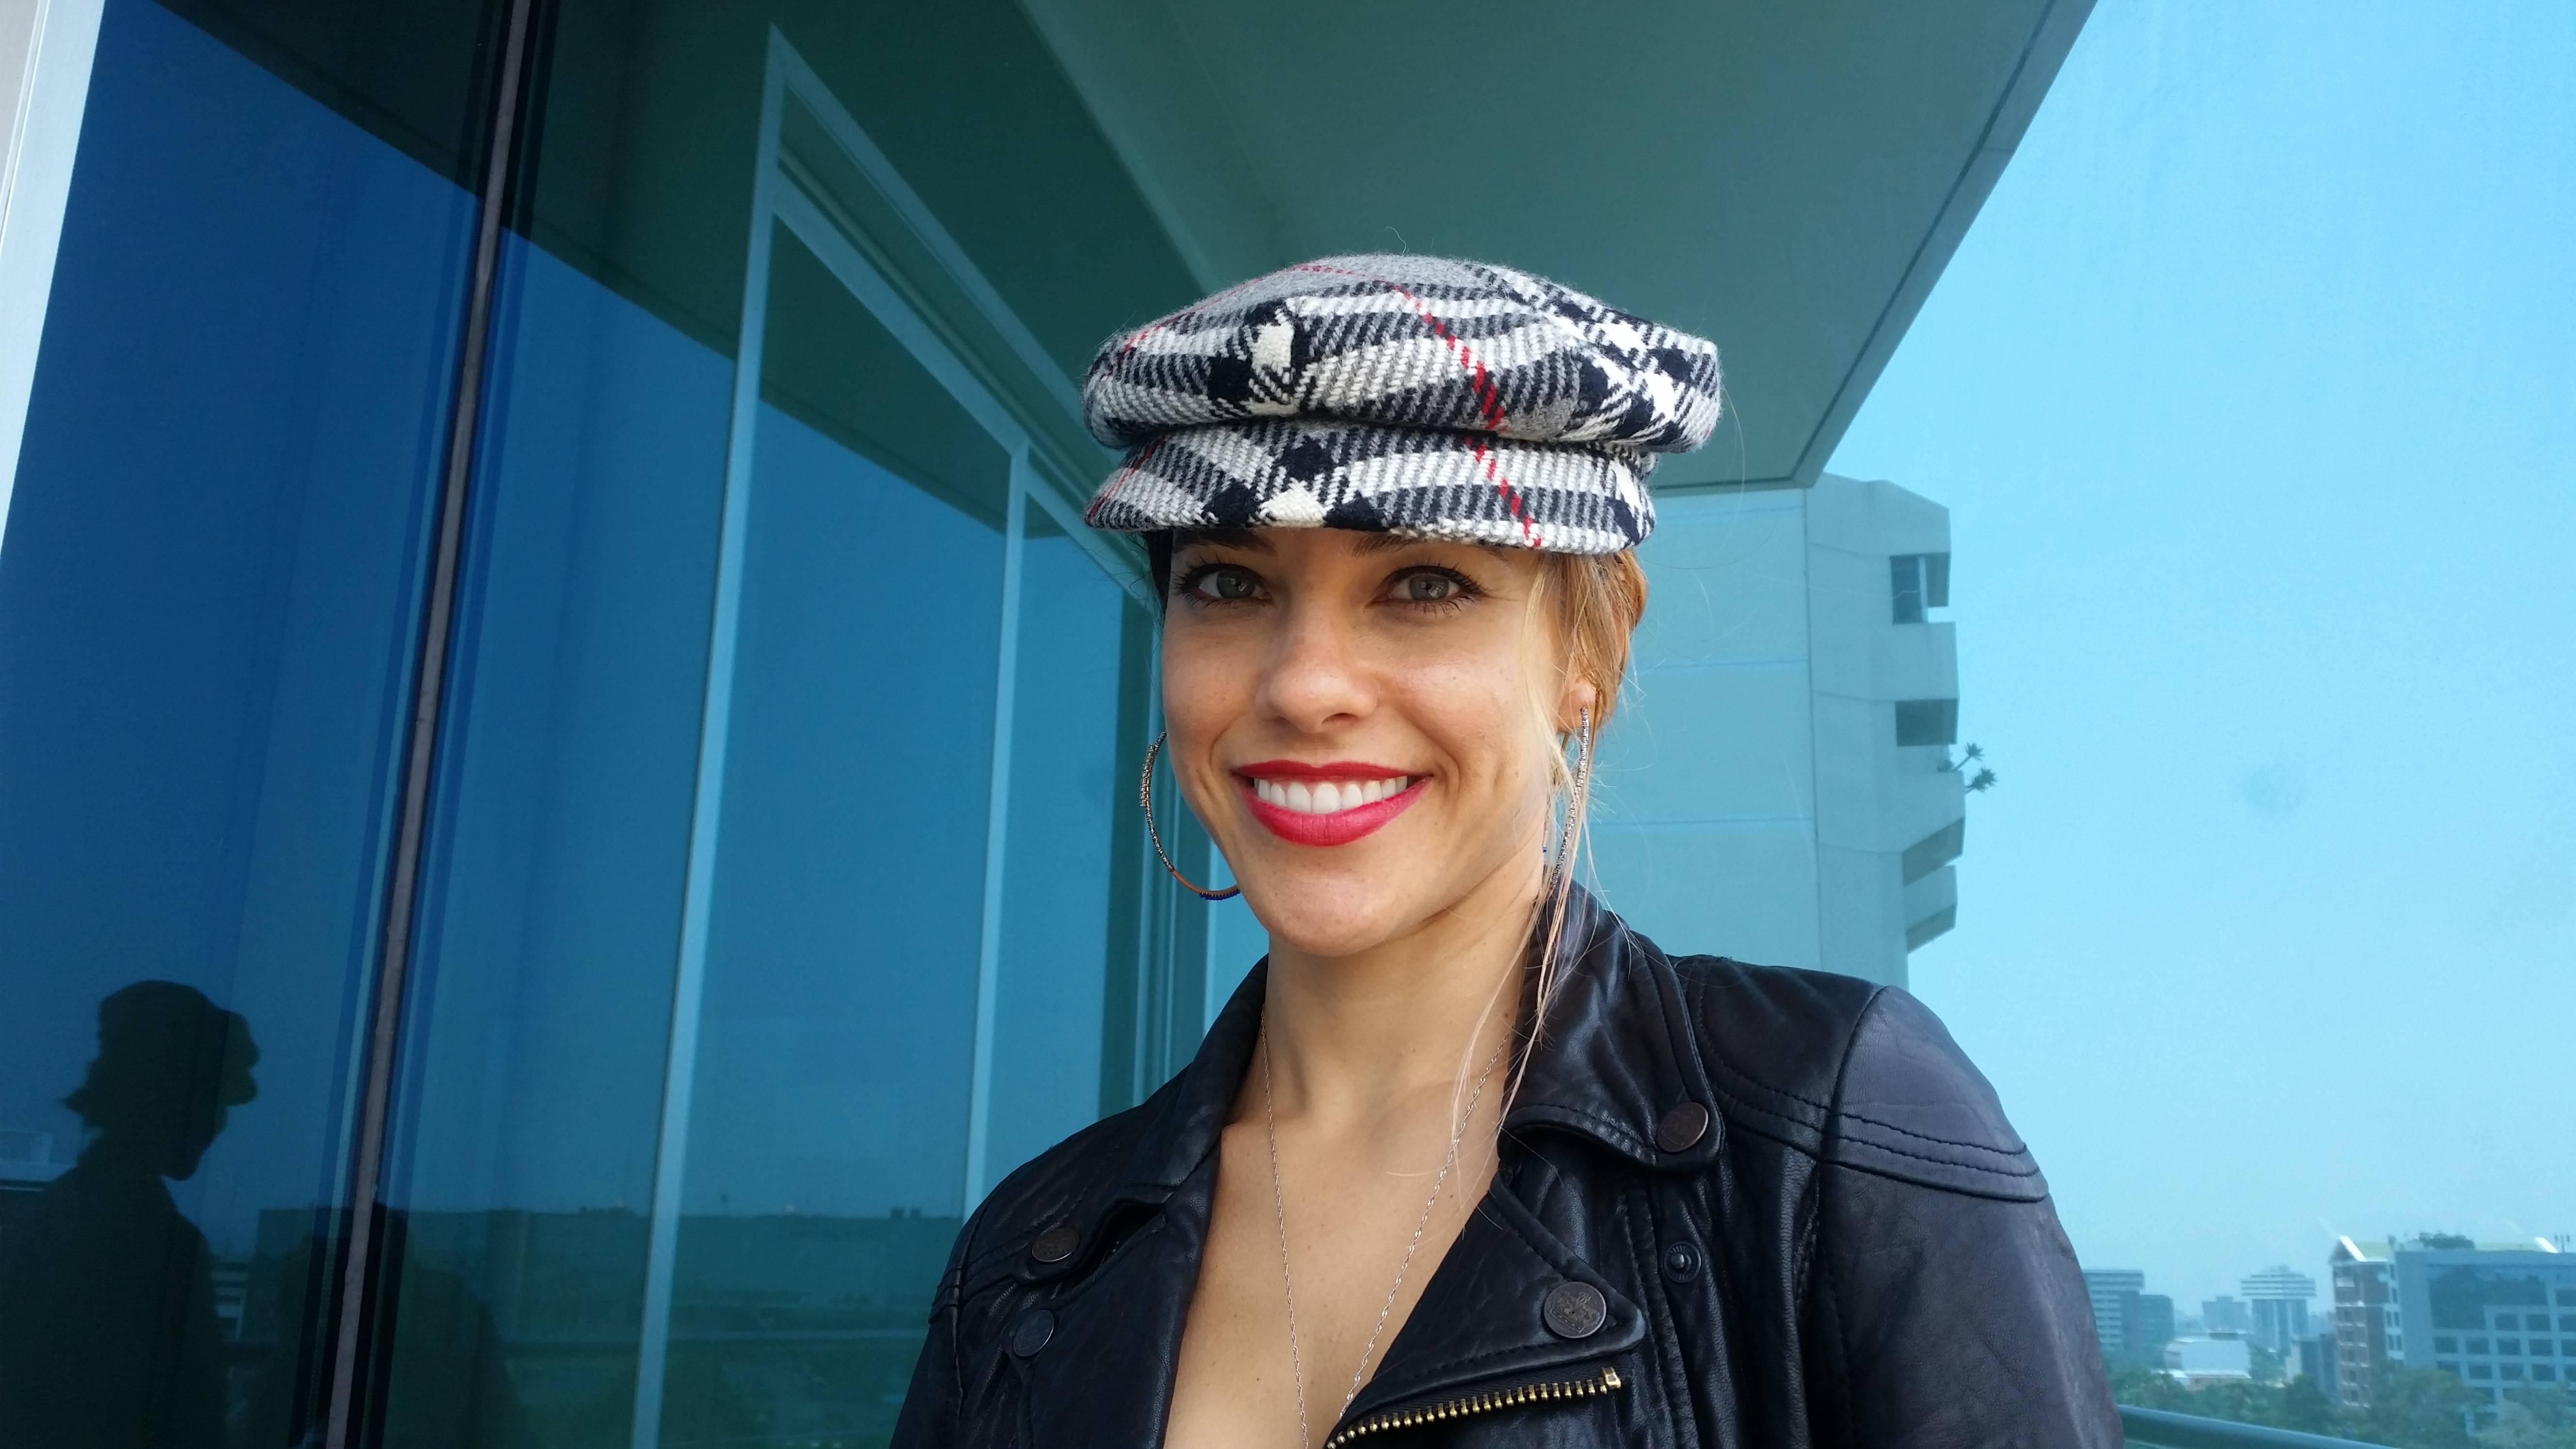 """La cantautora costarricense Debi Nova conversó con Publinews acerca de su nuevo álbum, """"Gran ciudad"""". Foto: David Lepe Sosa"""